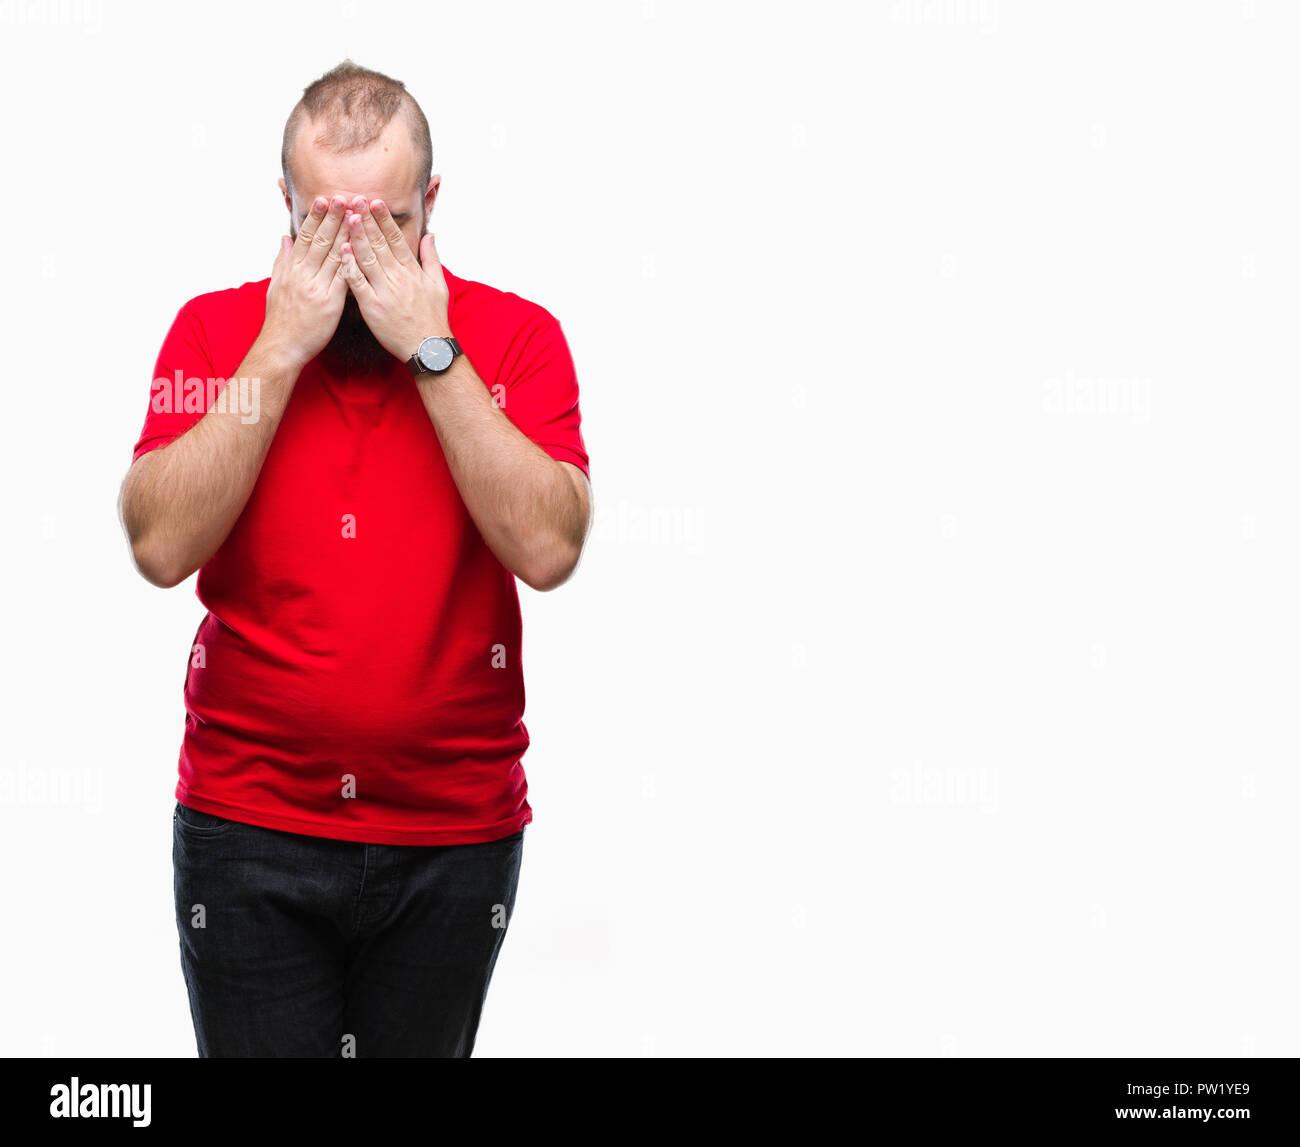 Los Jóvenes Caucásicos Hipster Hombre Vestido Con Camisa Roja Sobre